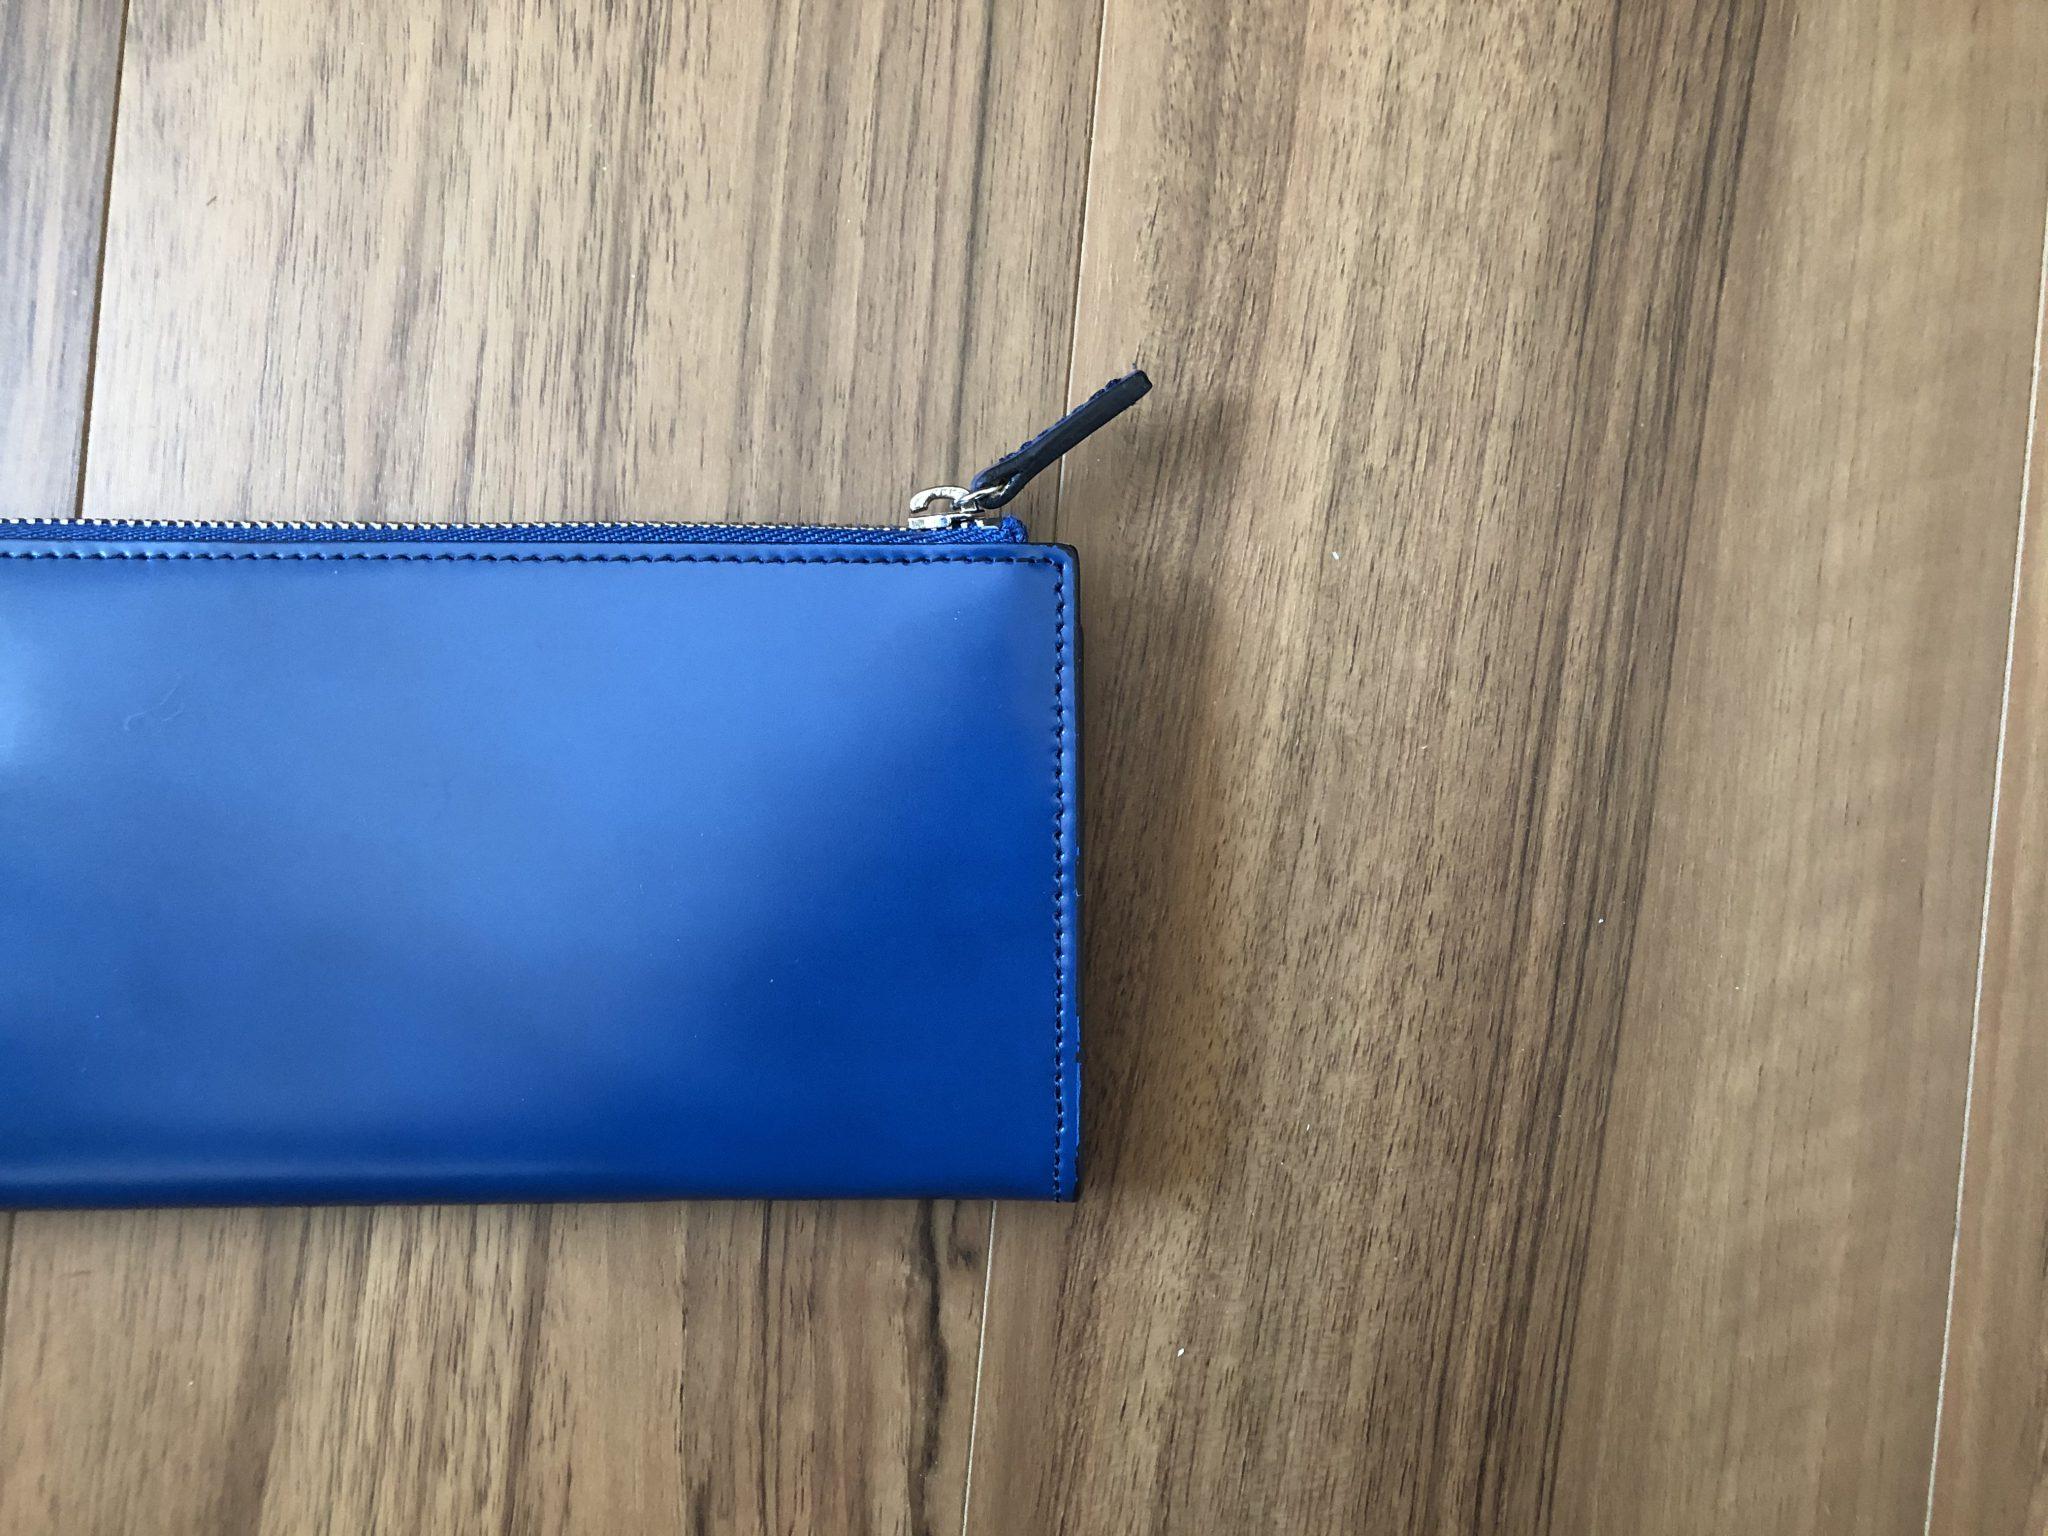 新喜皮革コードバンL字ファスナーロングウォレット(長財布)~思った以上にブルーがこんがらがっていますが、エイジング(経年変化)を楽しみに永く使います